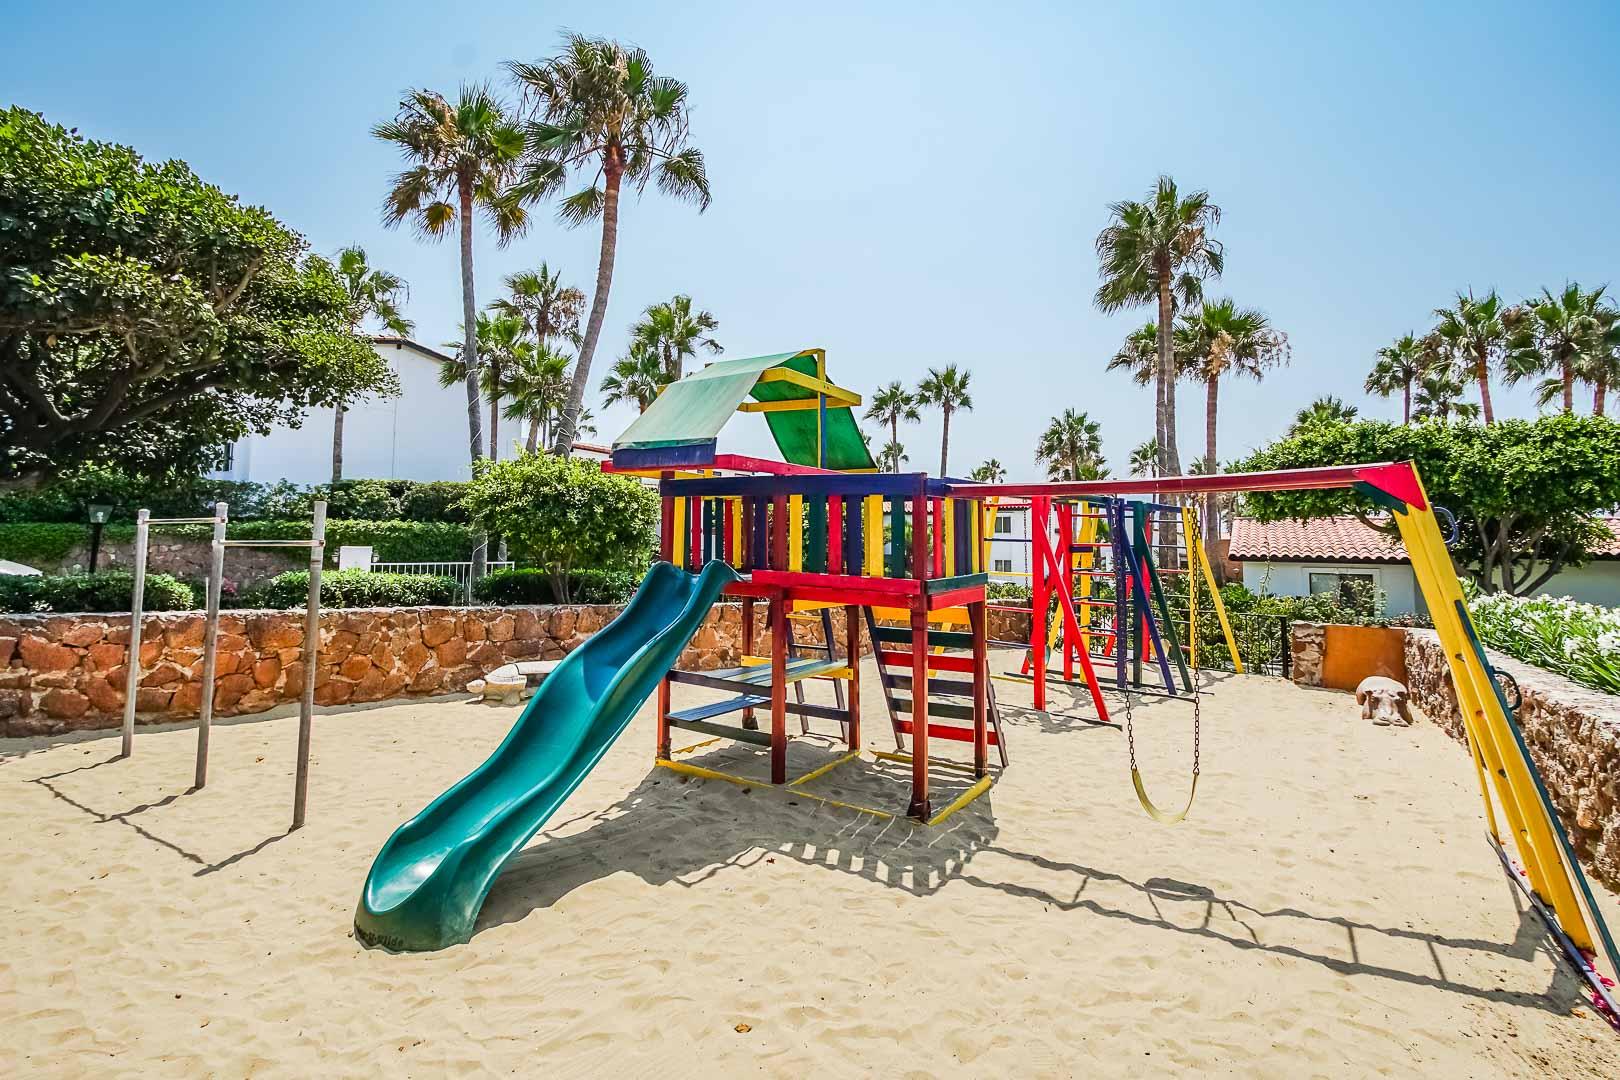 La Paloma - Playground